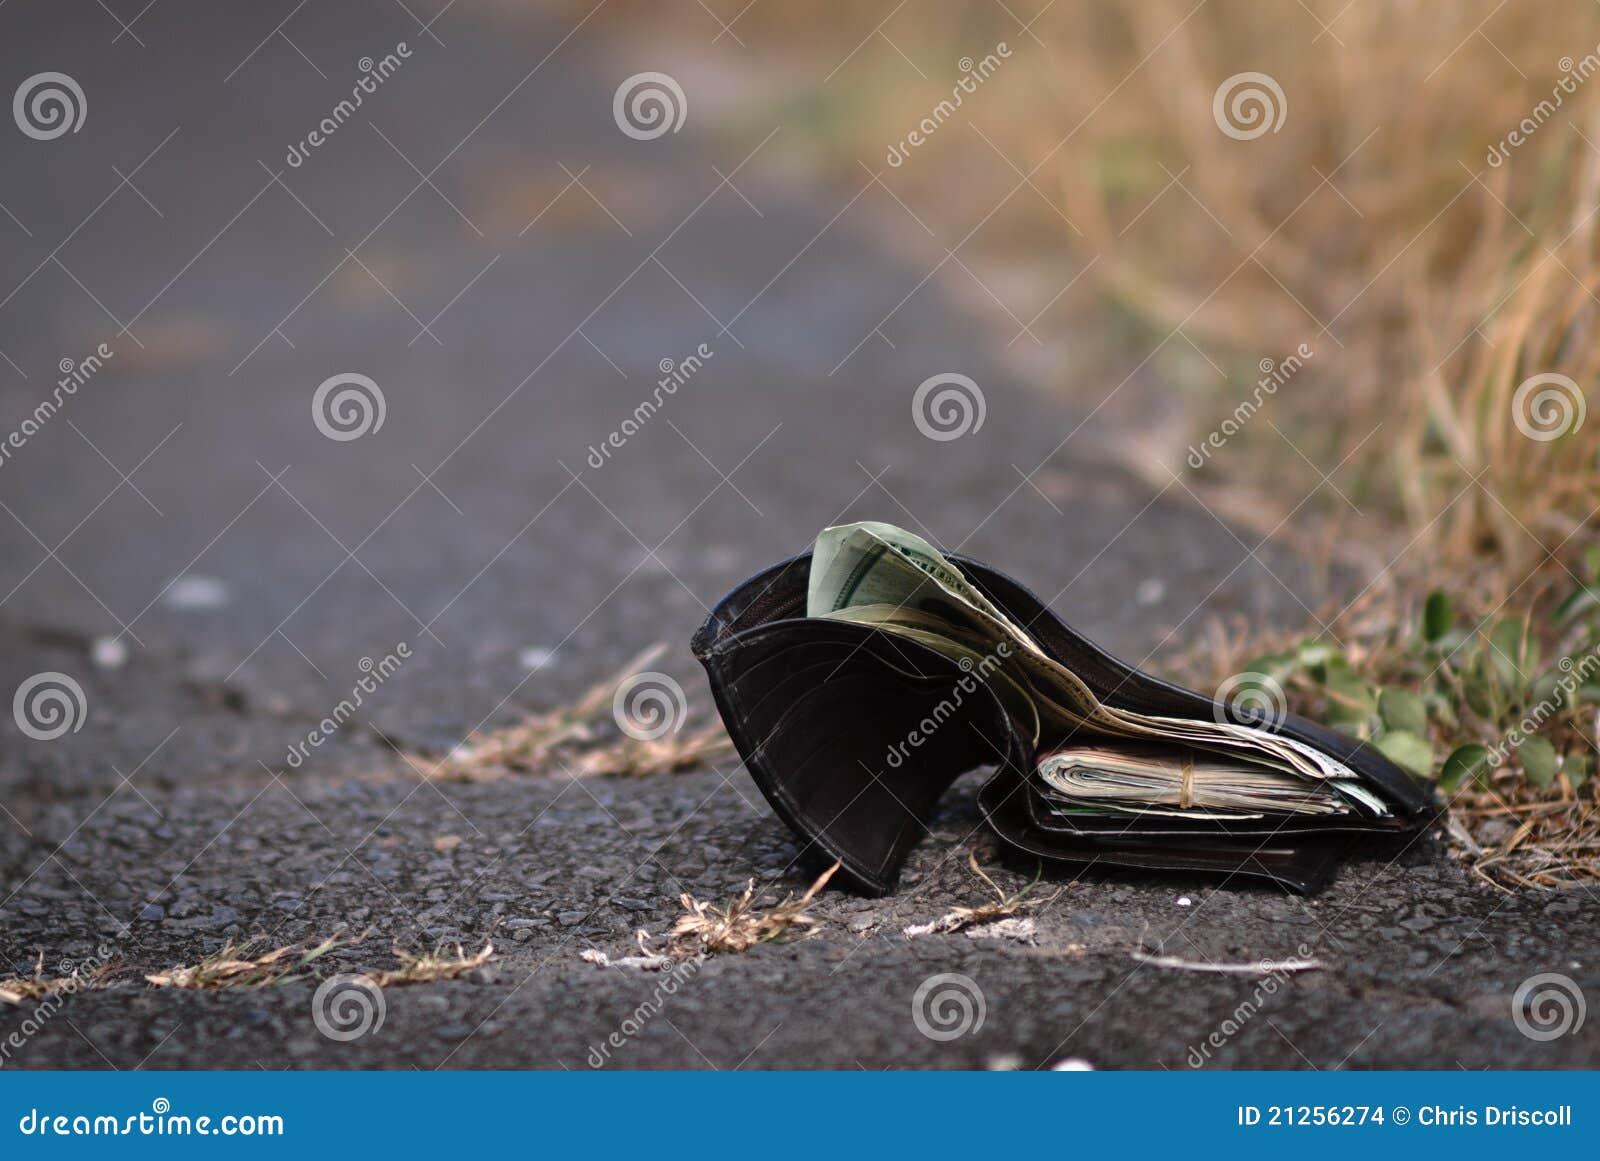 Förlorad plånbok